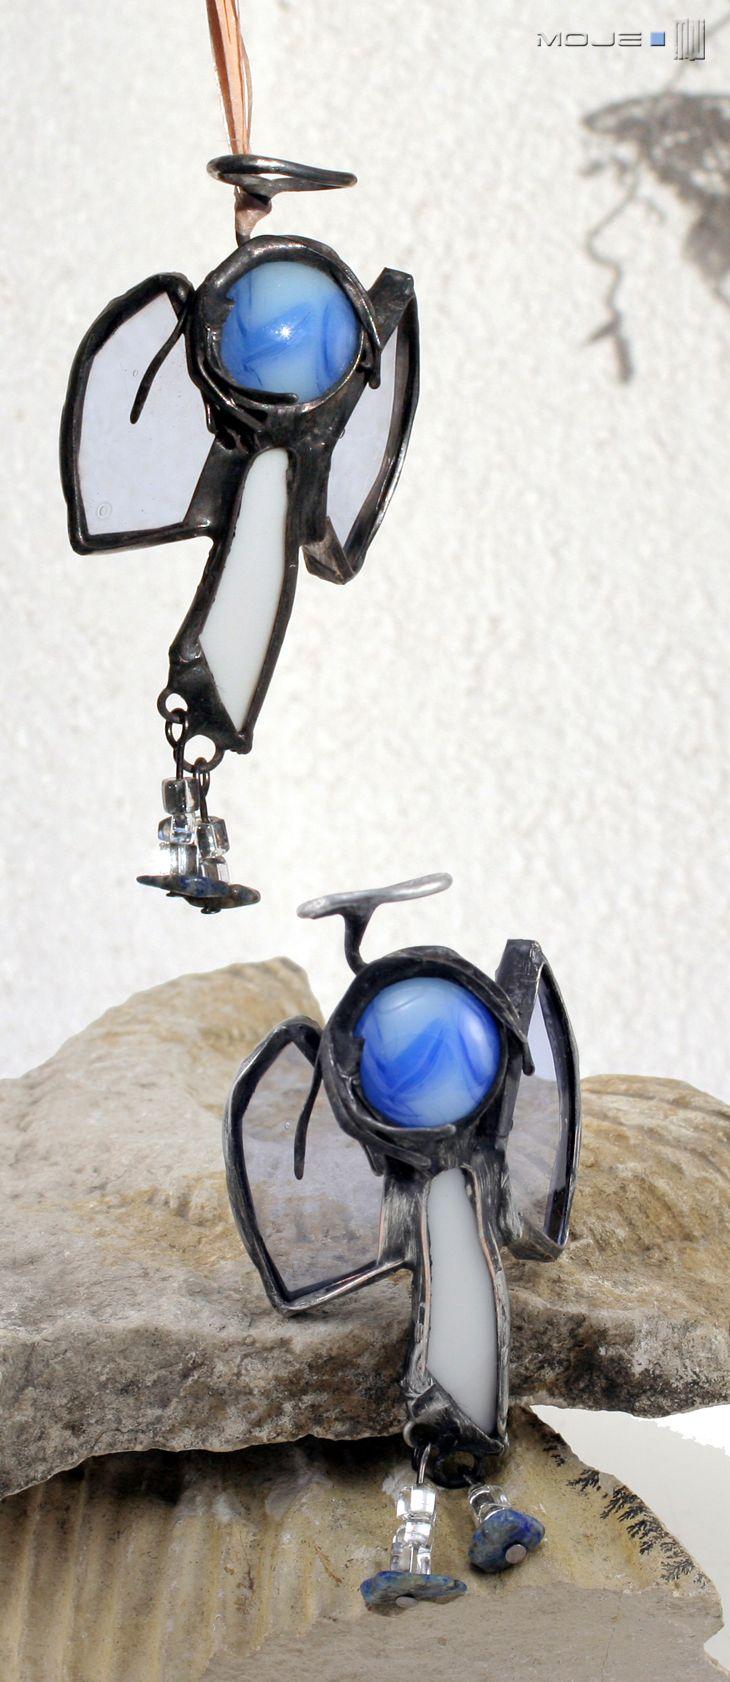 Anioł / Angel. Witraż Tiffany. Glass. Glass Angel Moje MW